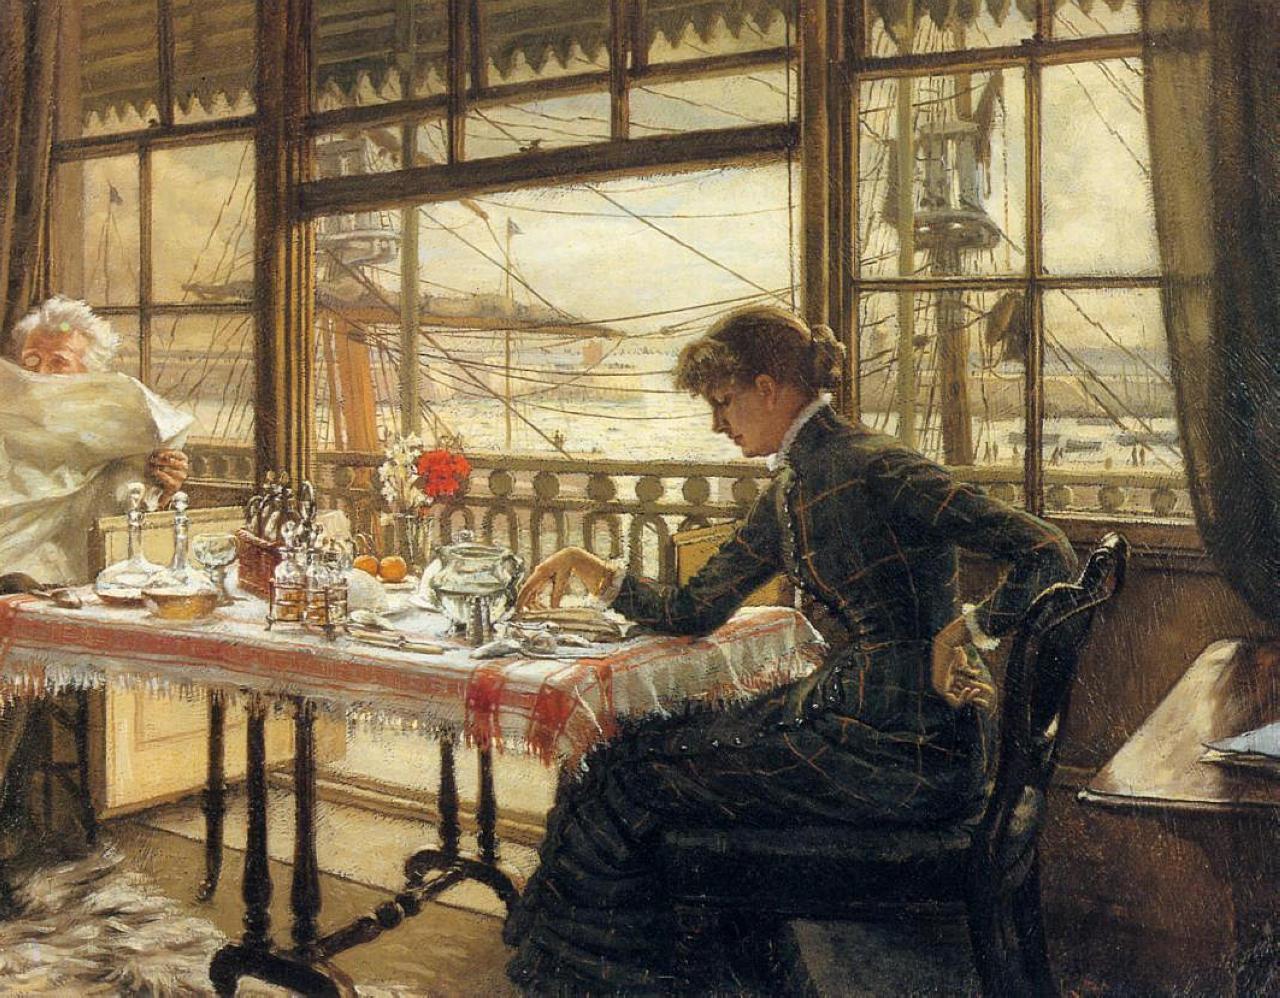 Джеймс Тиссо. Комната с видом на гавань. 1876 — 1878